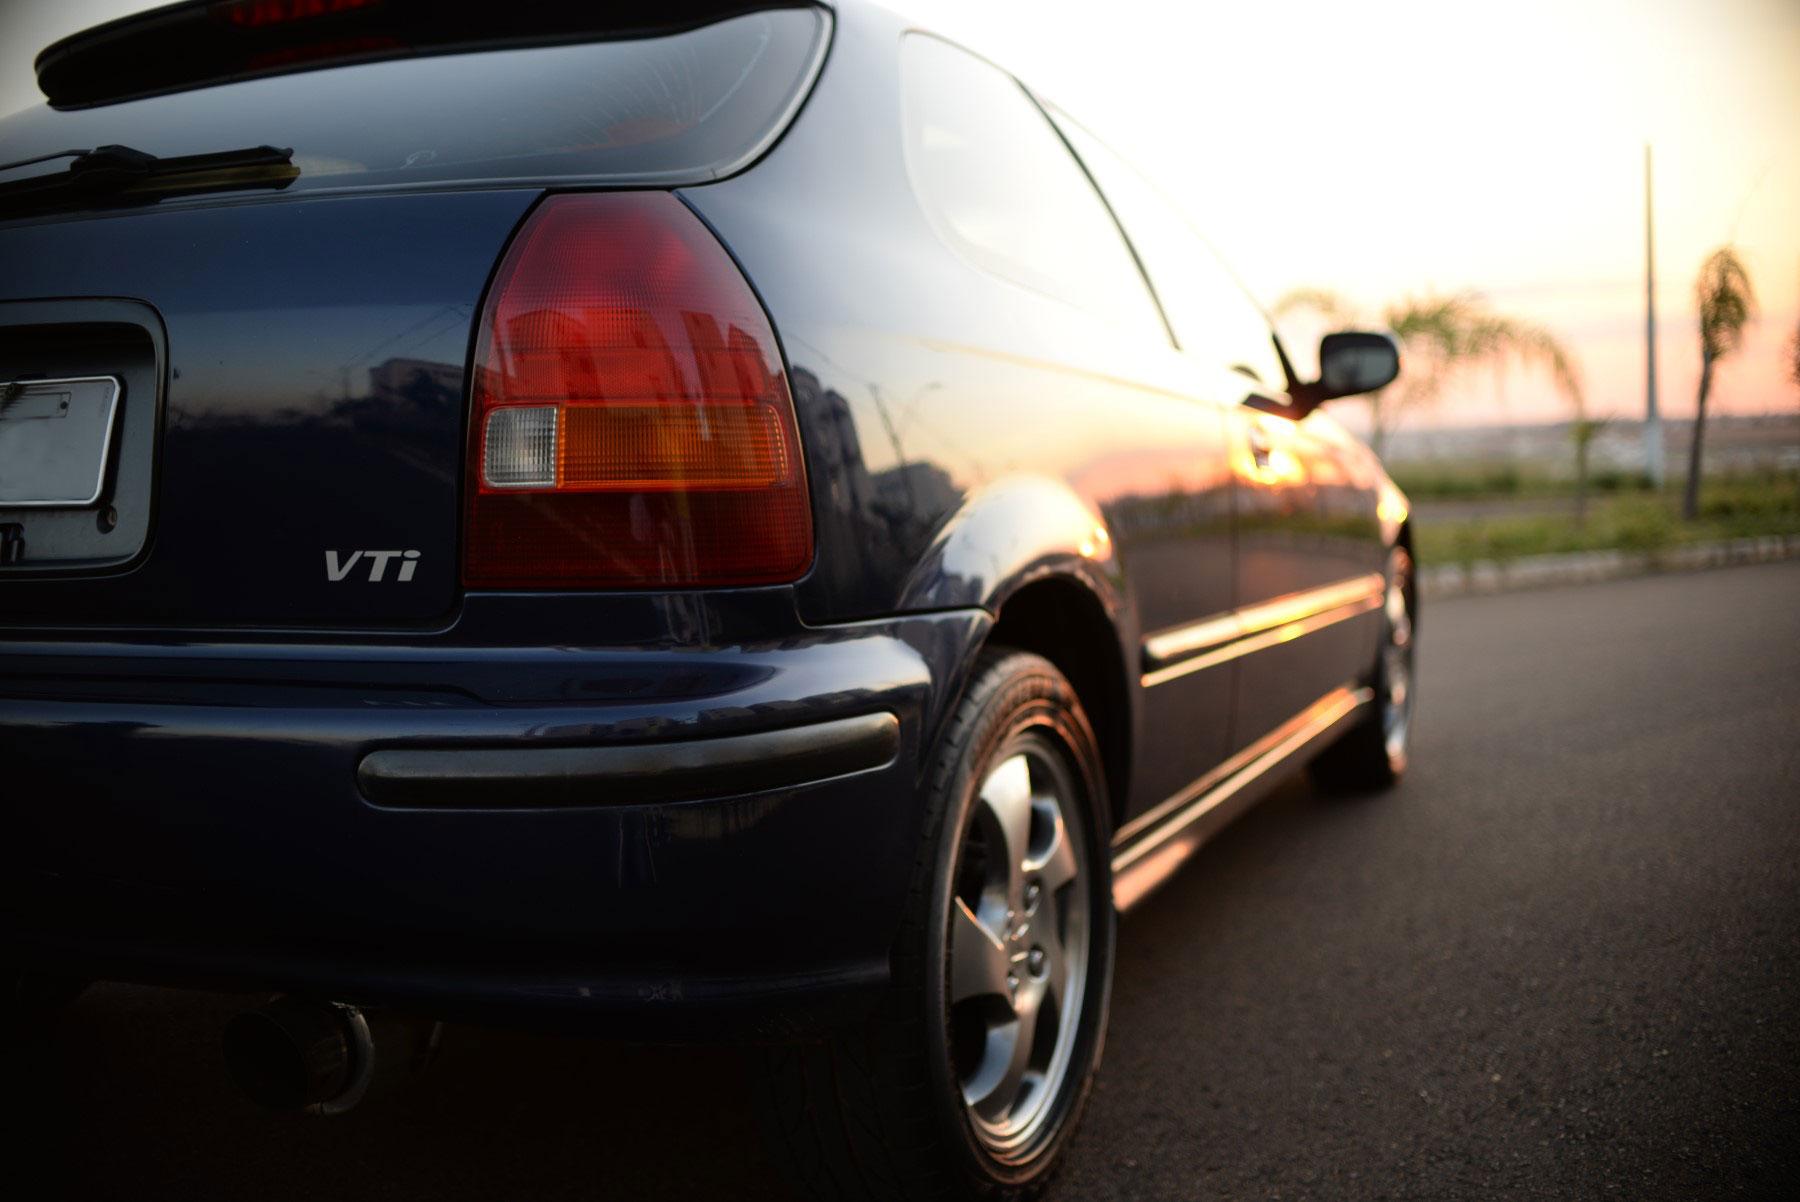 Ensaio Civic Vti EK4 - 03